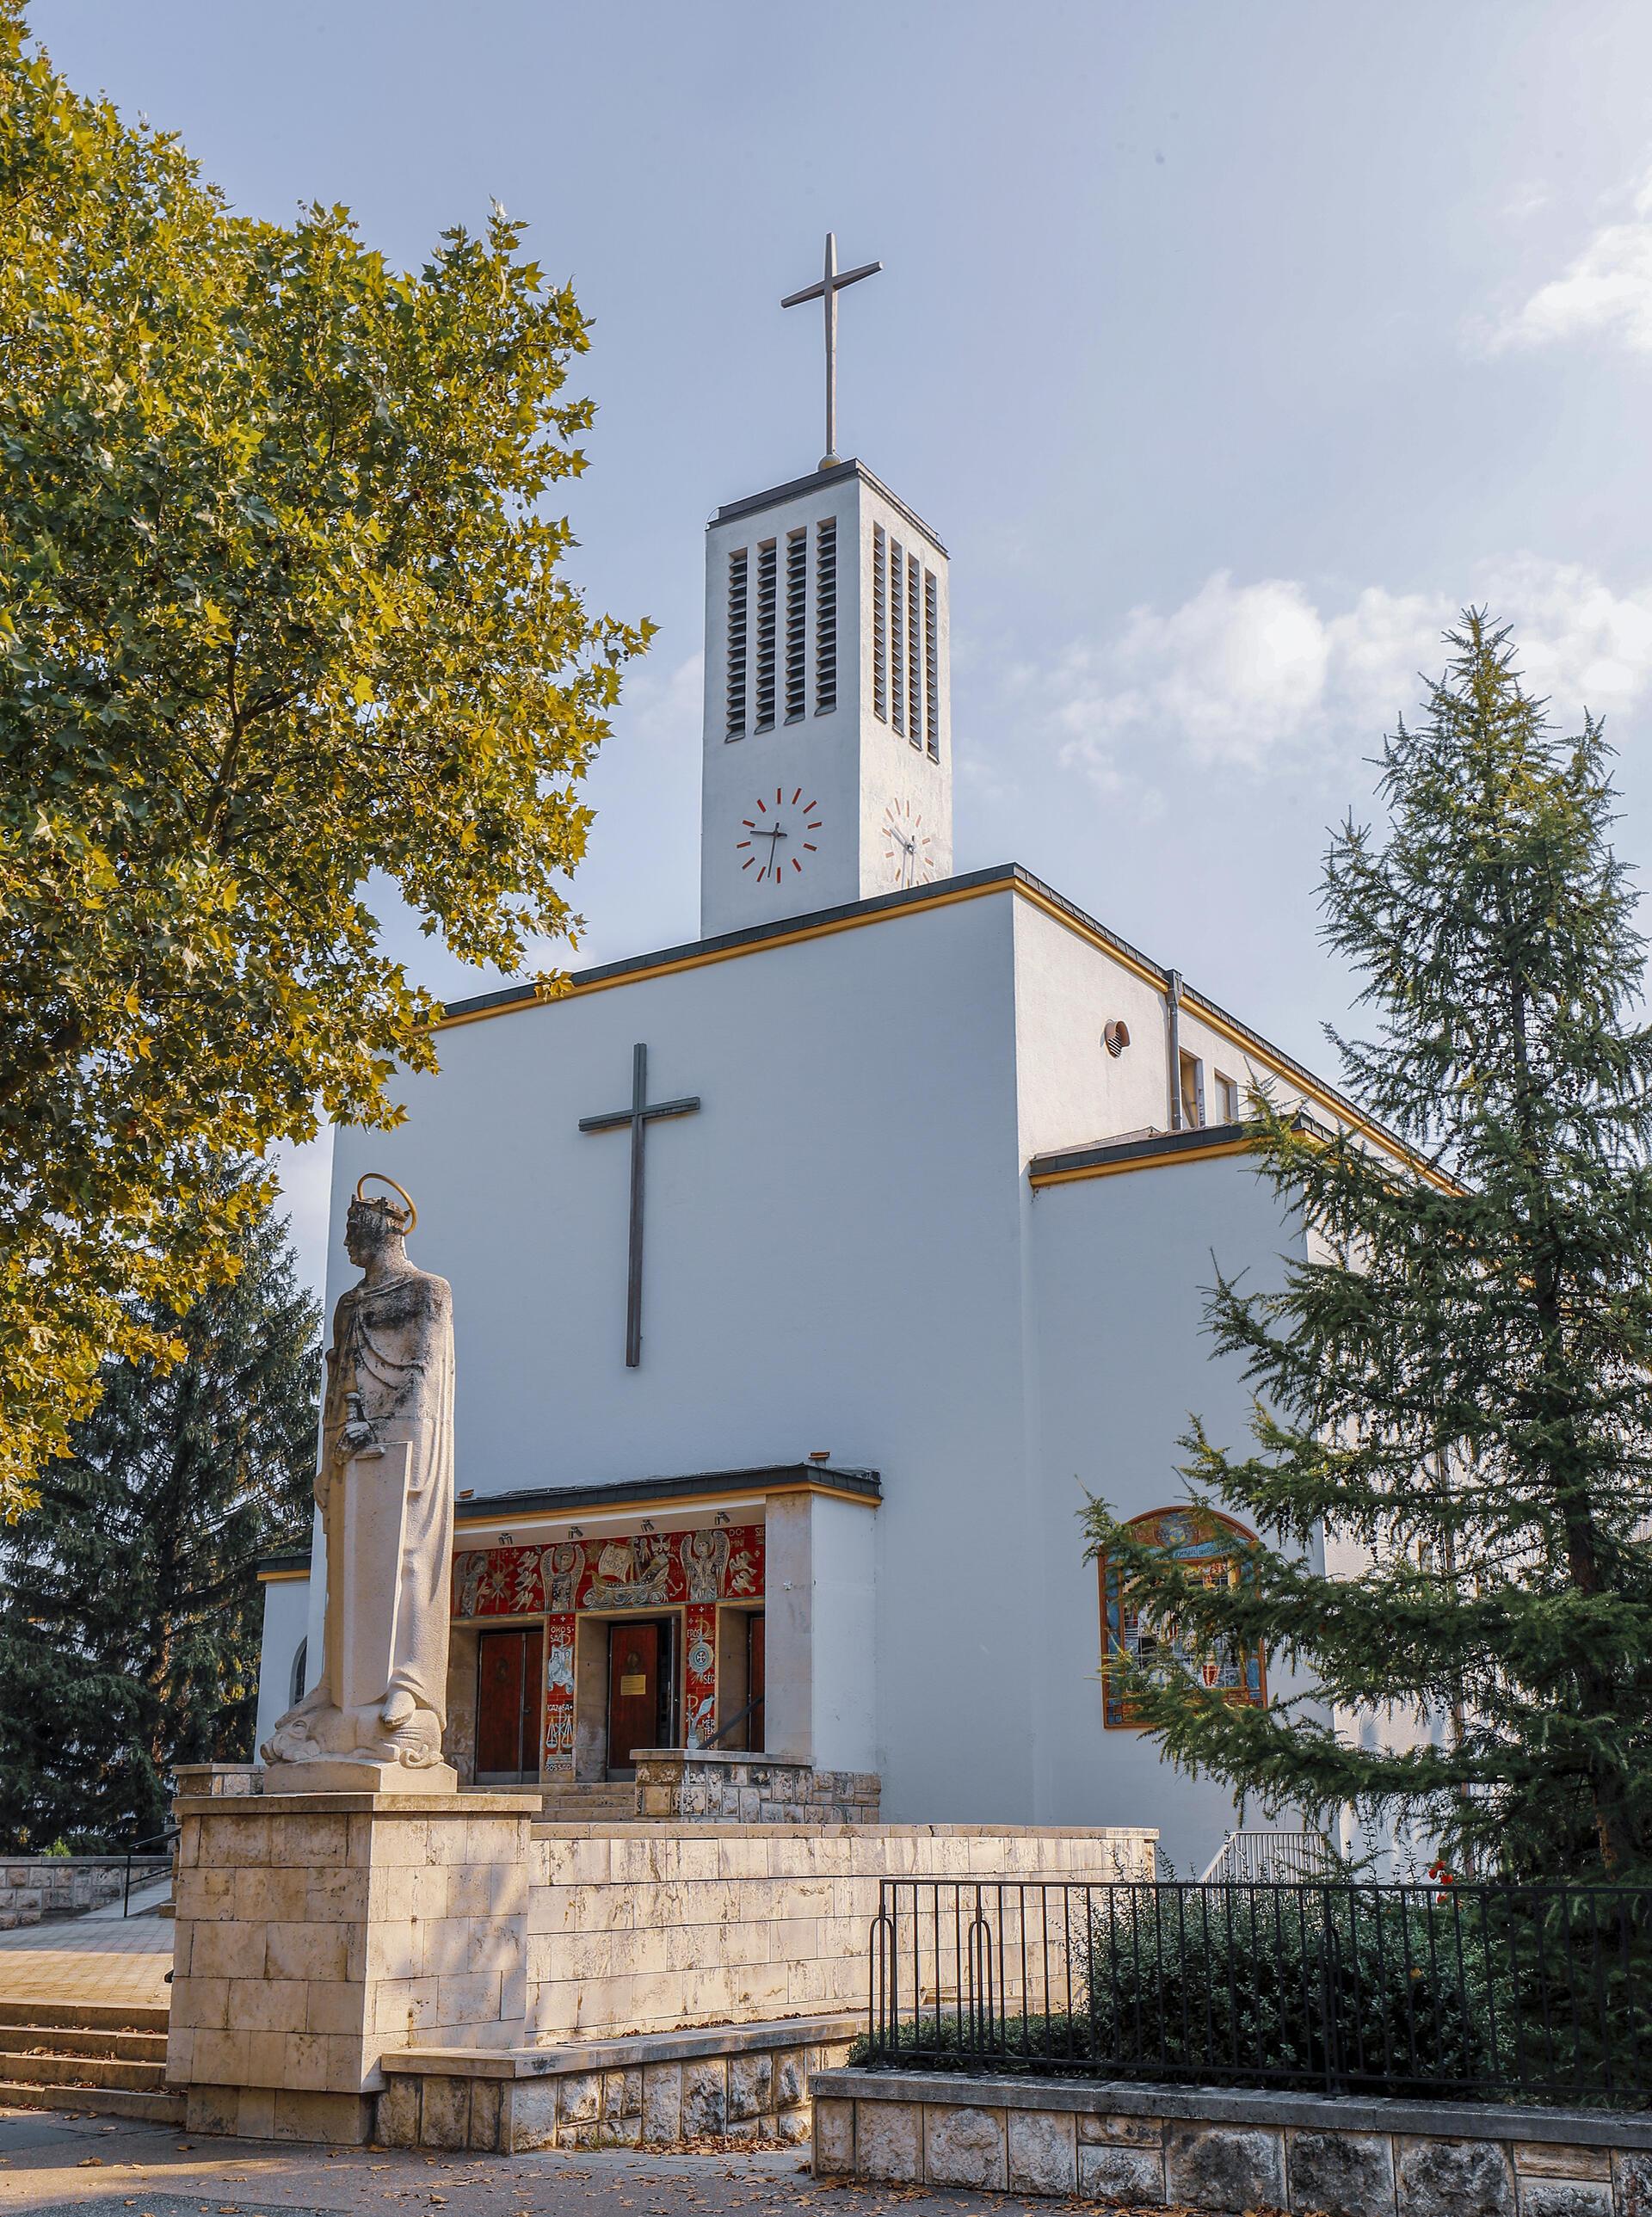 K2/074 Győr 14 Szent Imre